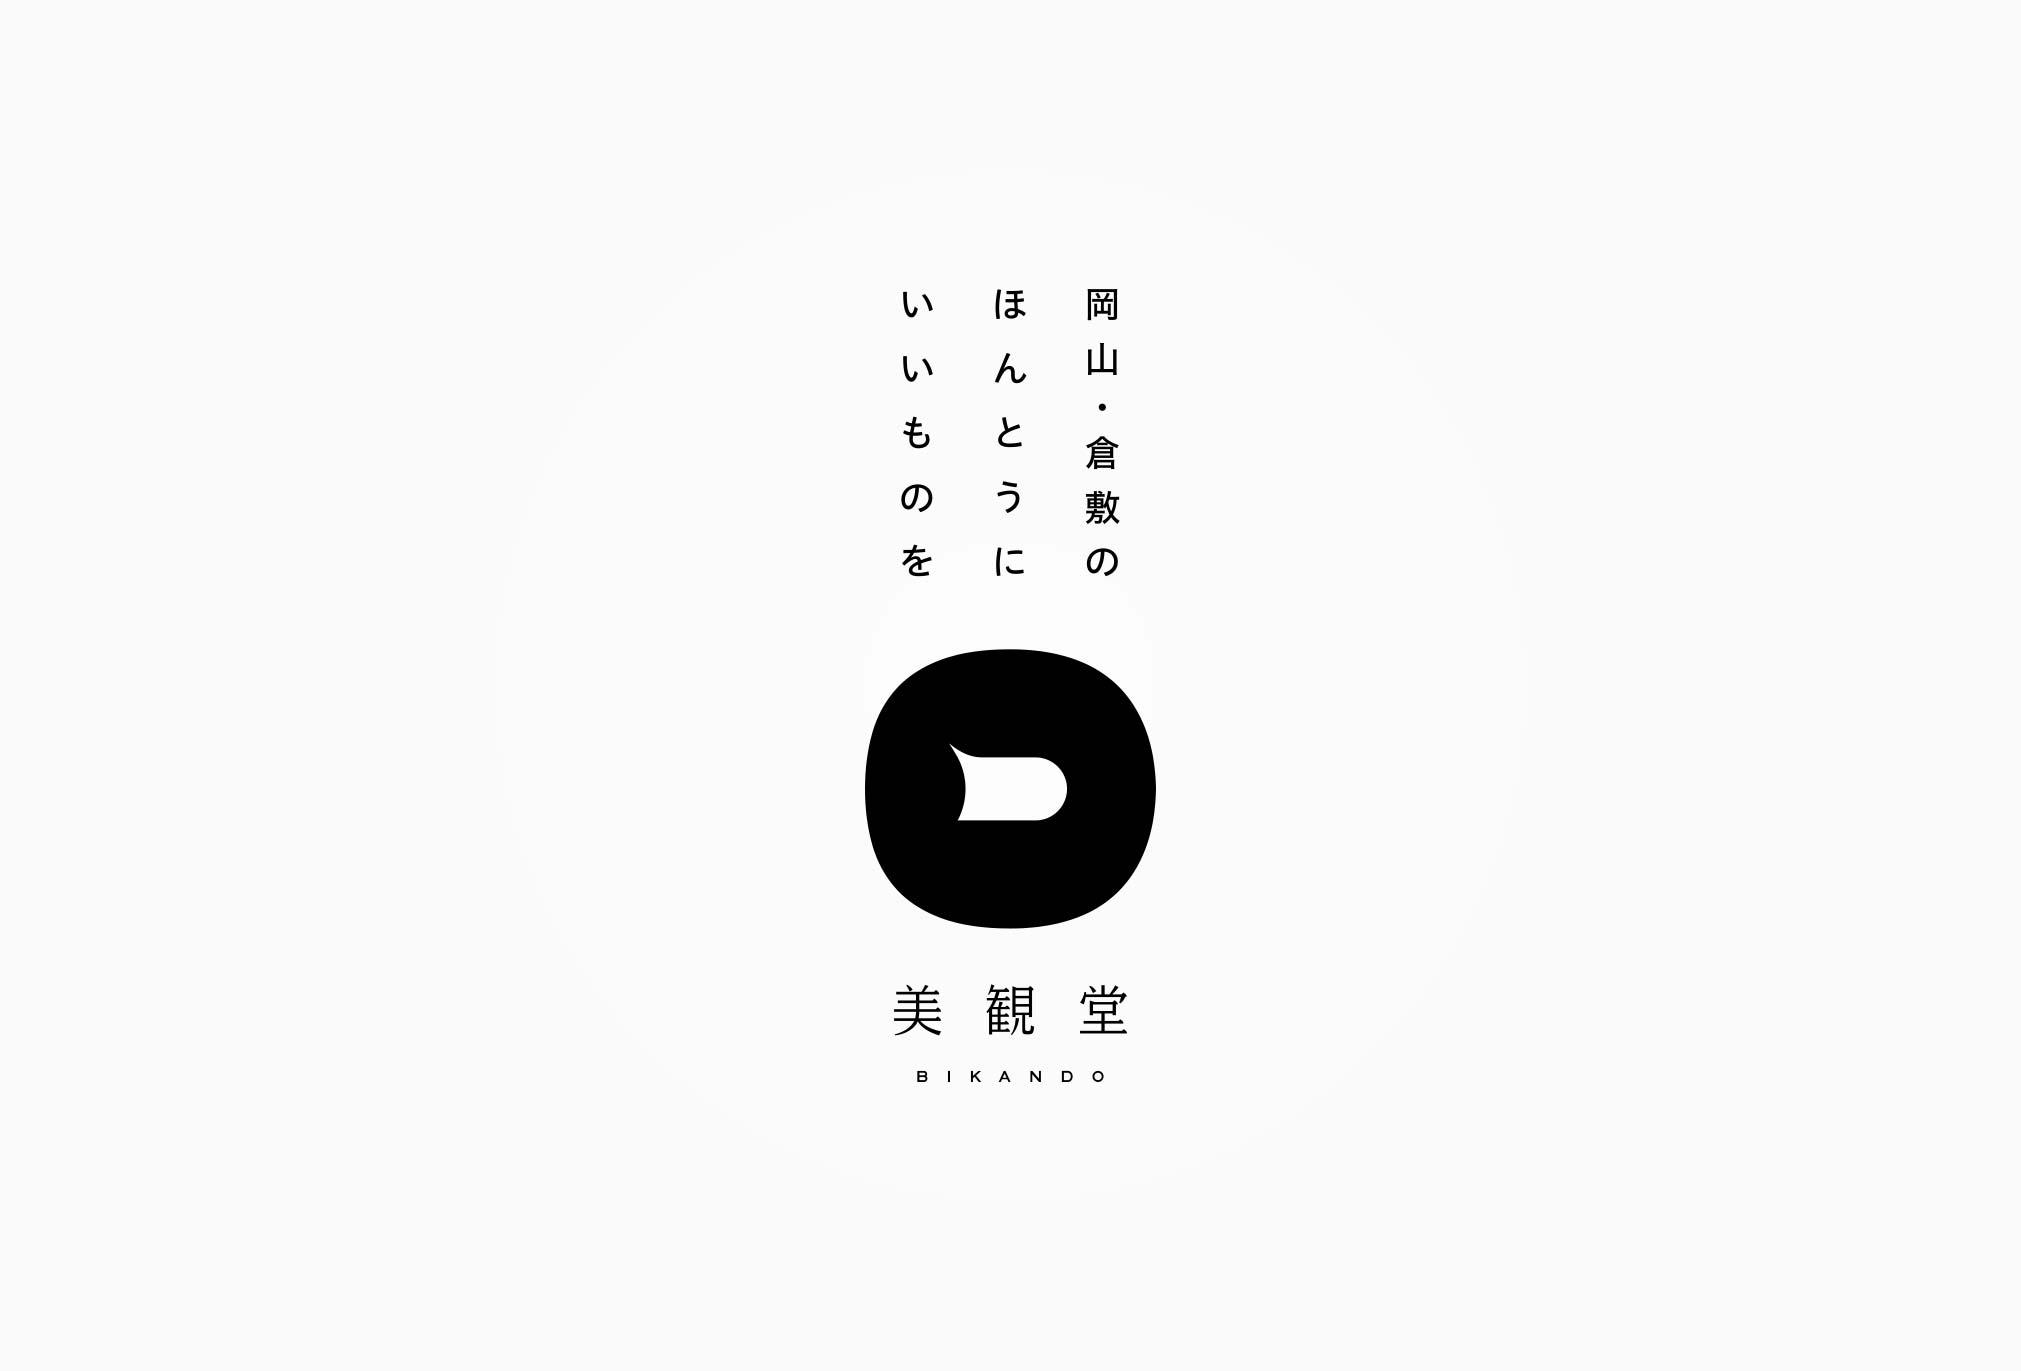 bikando_logo4